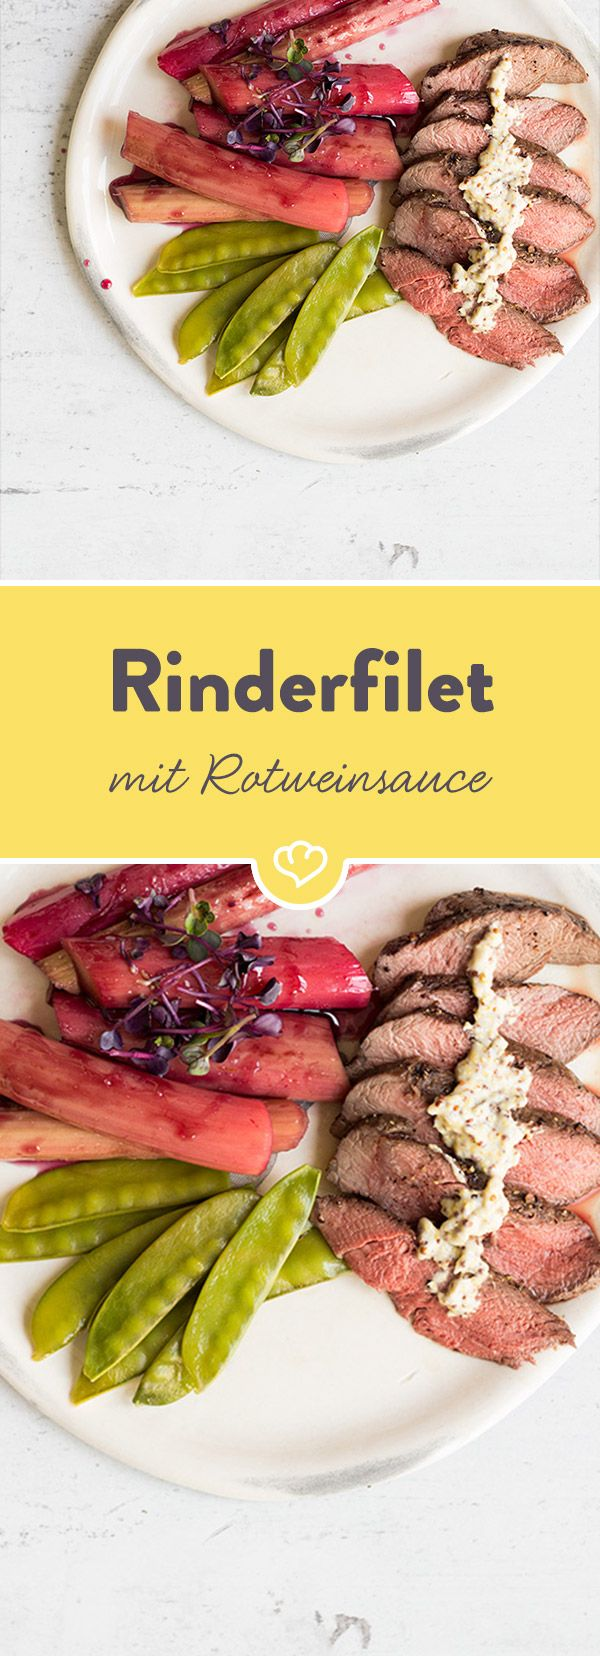 Karamellisiert und in Rotwein gebadet, ist Rhabarber auch eine erstklassige Begleitung zu saftigem Rinderfilet und bringt das gewisse Etwas auf den Teller.